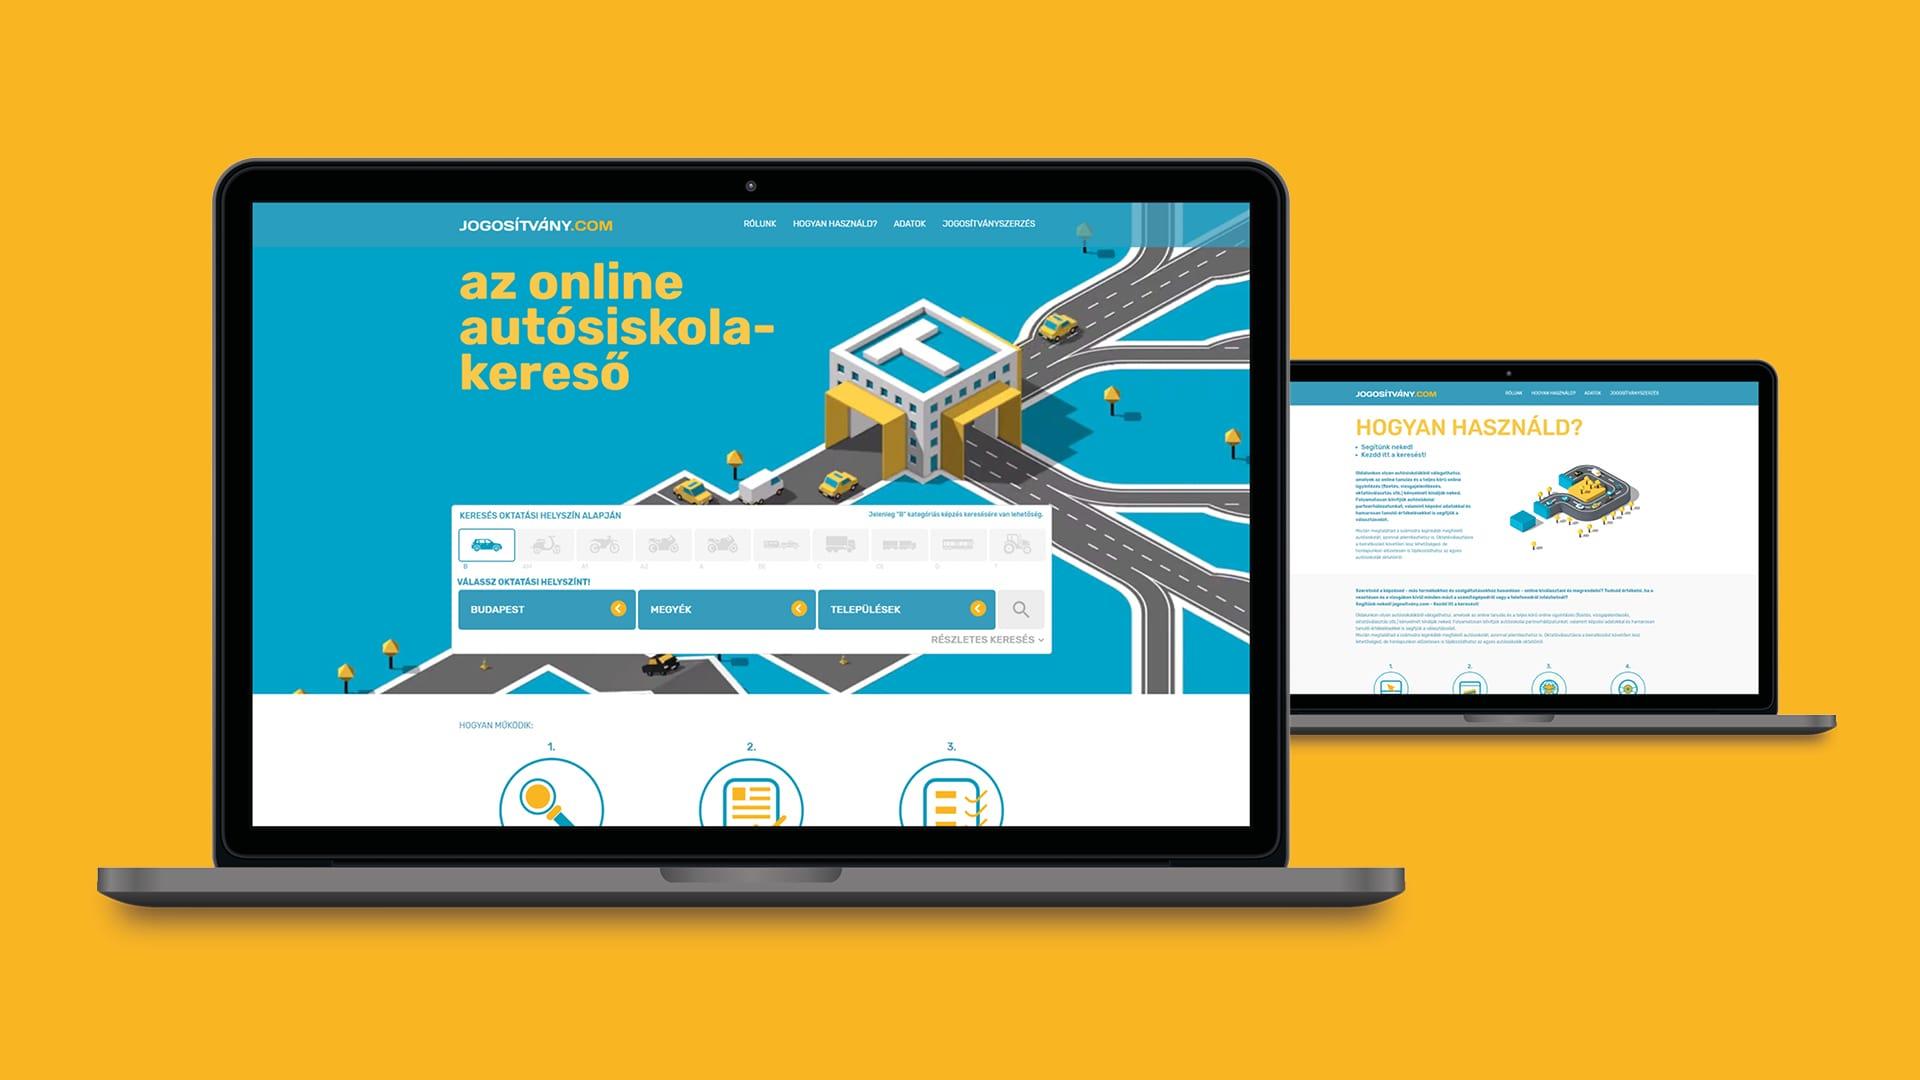 Jogosítvány.com Vizuális arculat<br> és weboldal tervezése